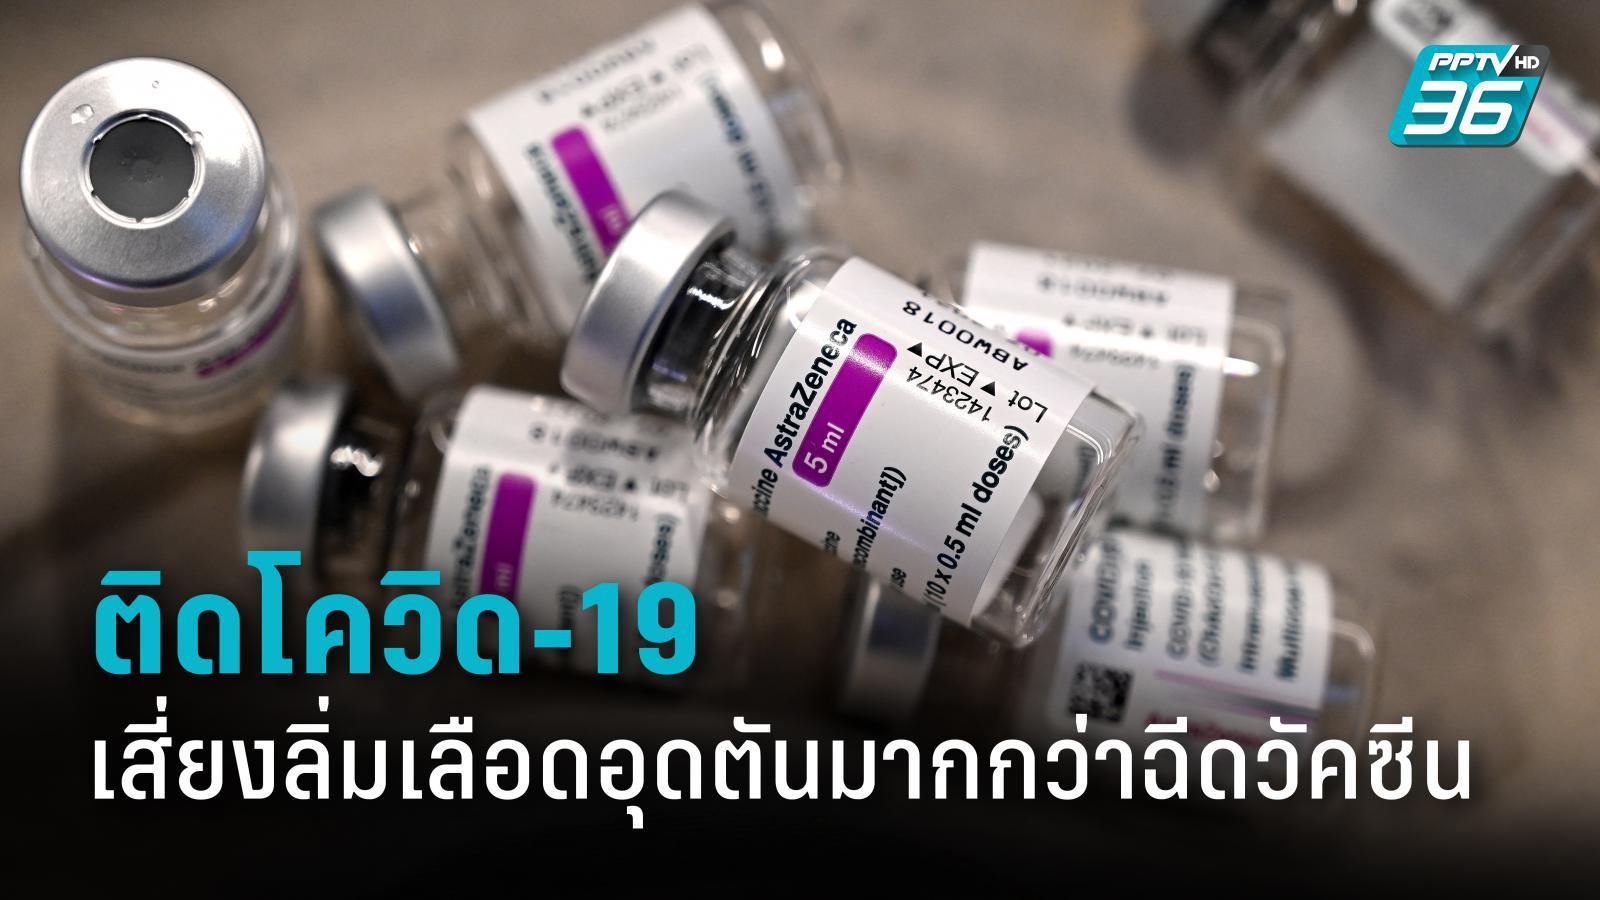 ออกซ์ฟอร์ดเผย ติดโควิด-19 เสี่ยงลิ่มเลือดอุดตันมากกว่าฉีดวัคซีน